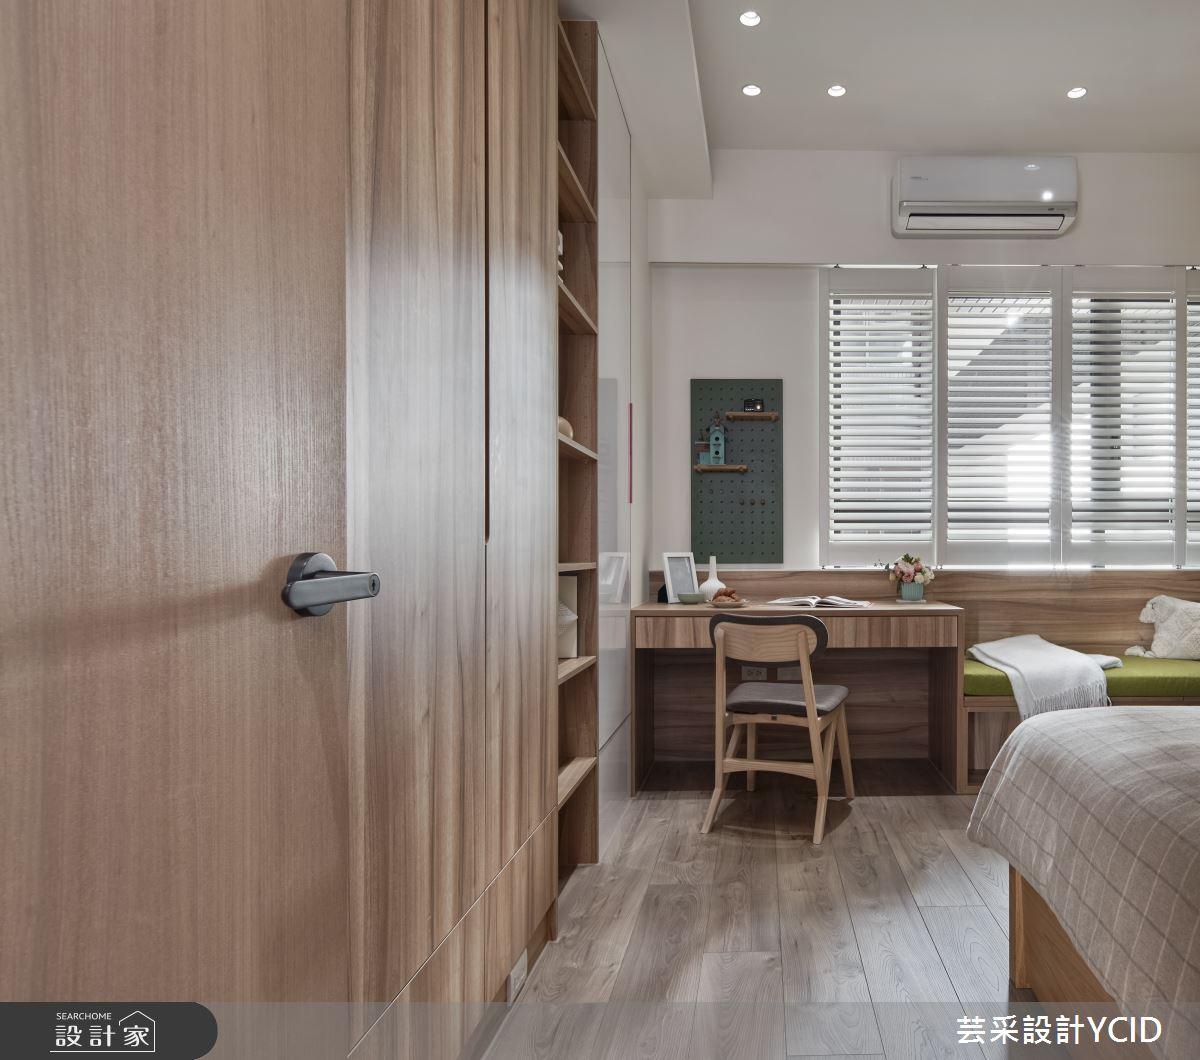 45坪新成屋(5年以下)_混搭風案例圖片_芸采創意空間設計公司_芸采_14之15